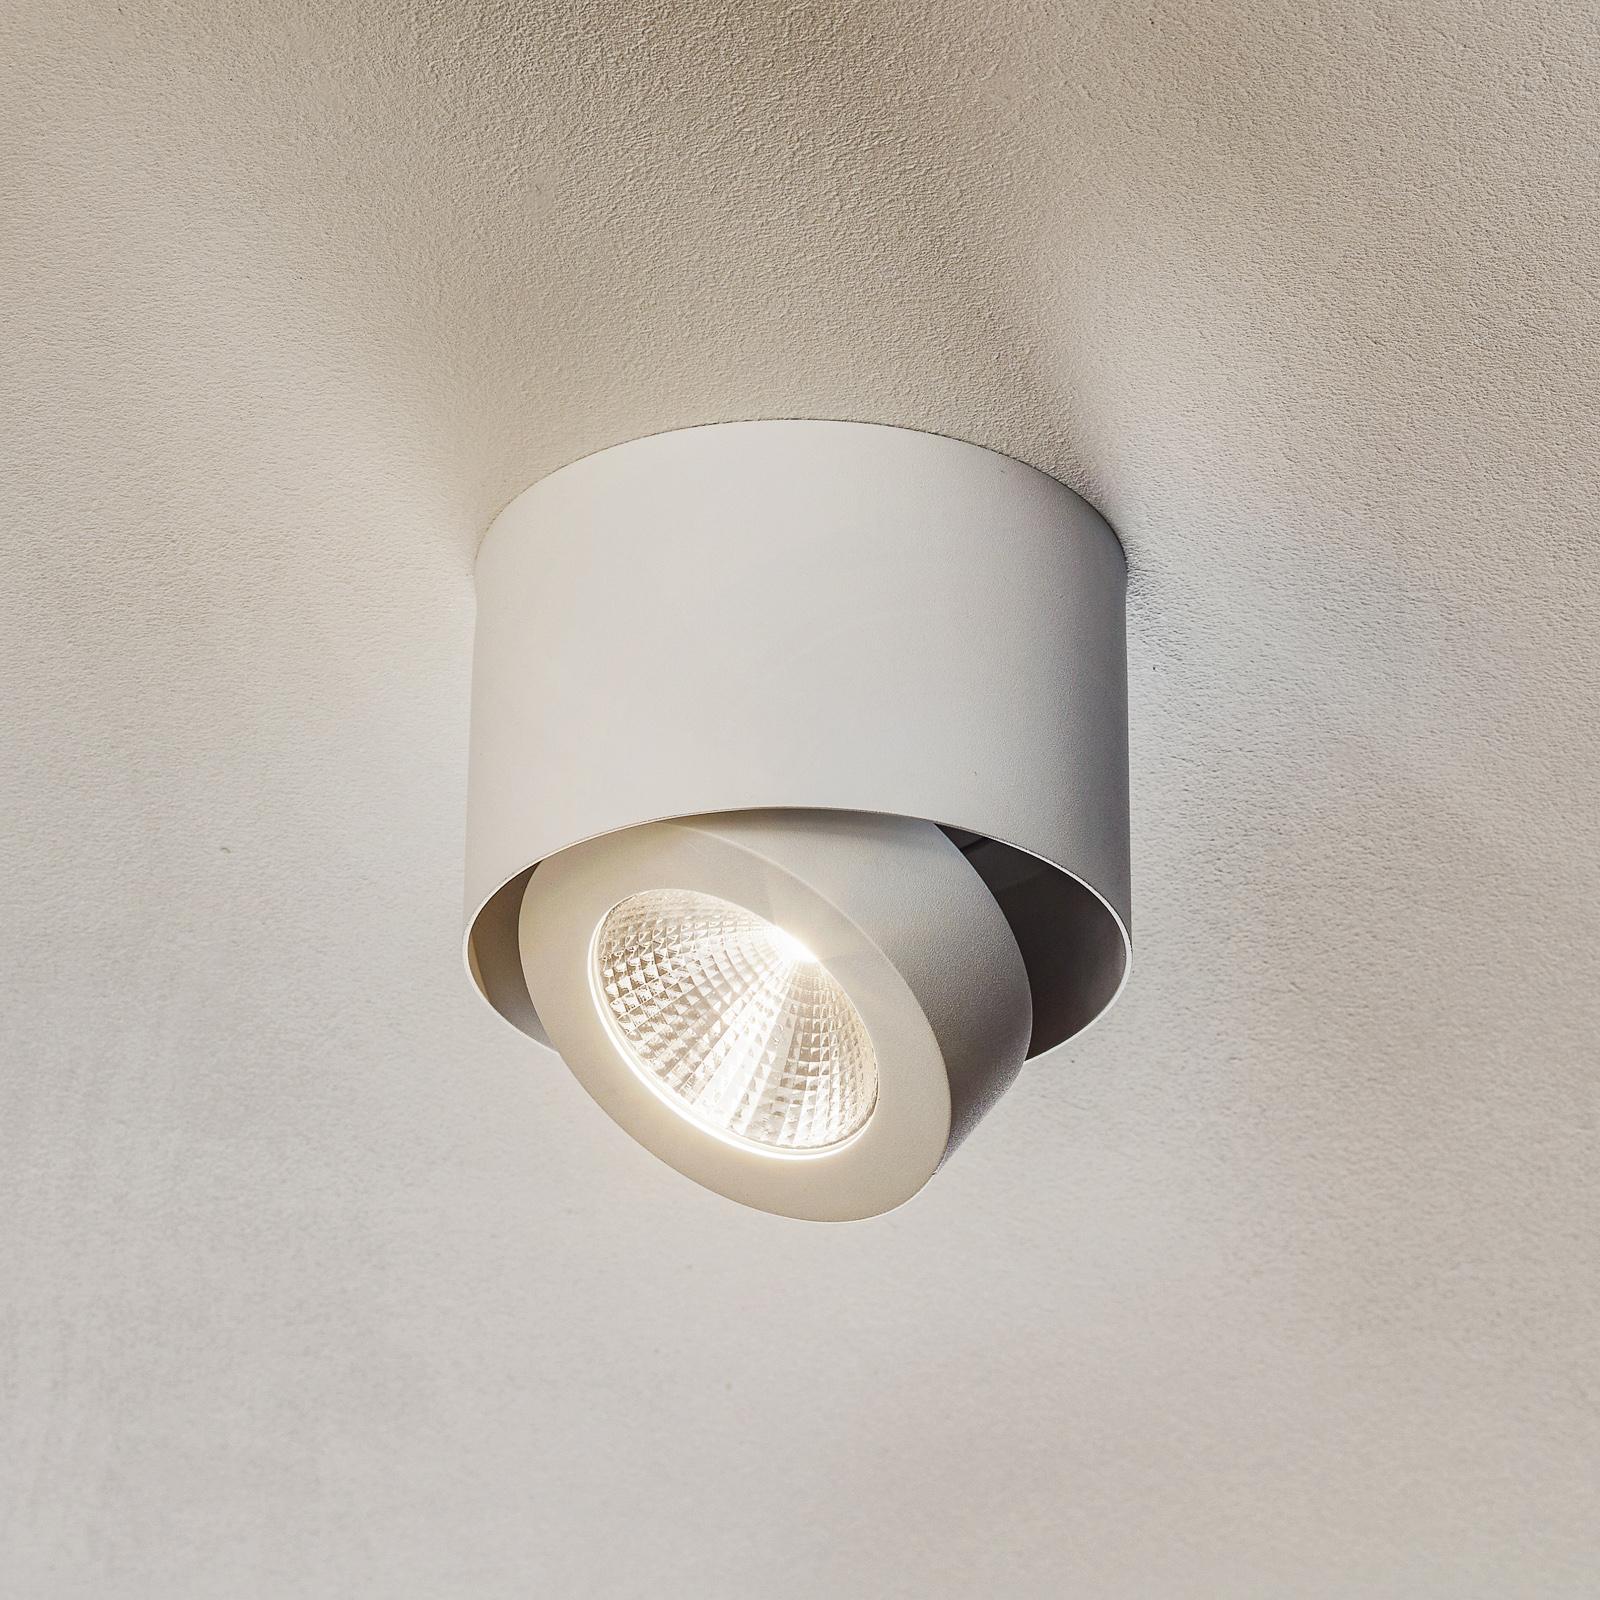 Svängbar LED-påbyggnadsspot Meno i vitt, dimbar